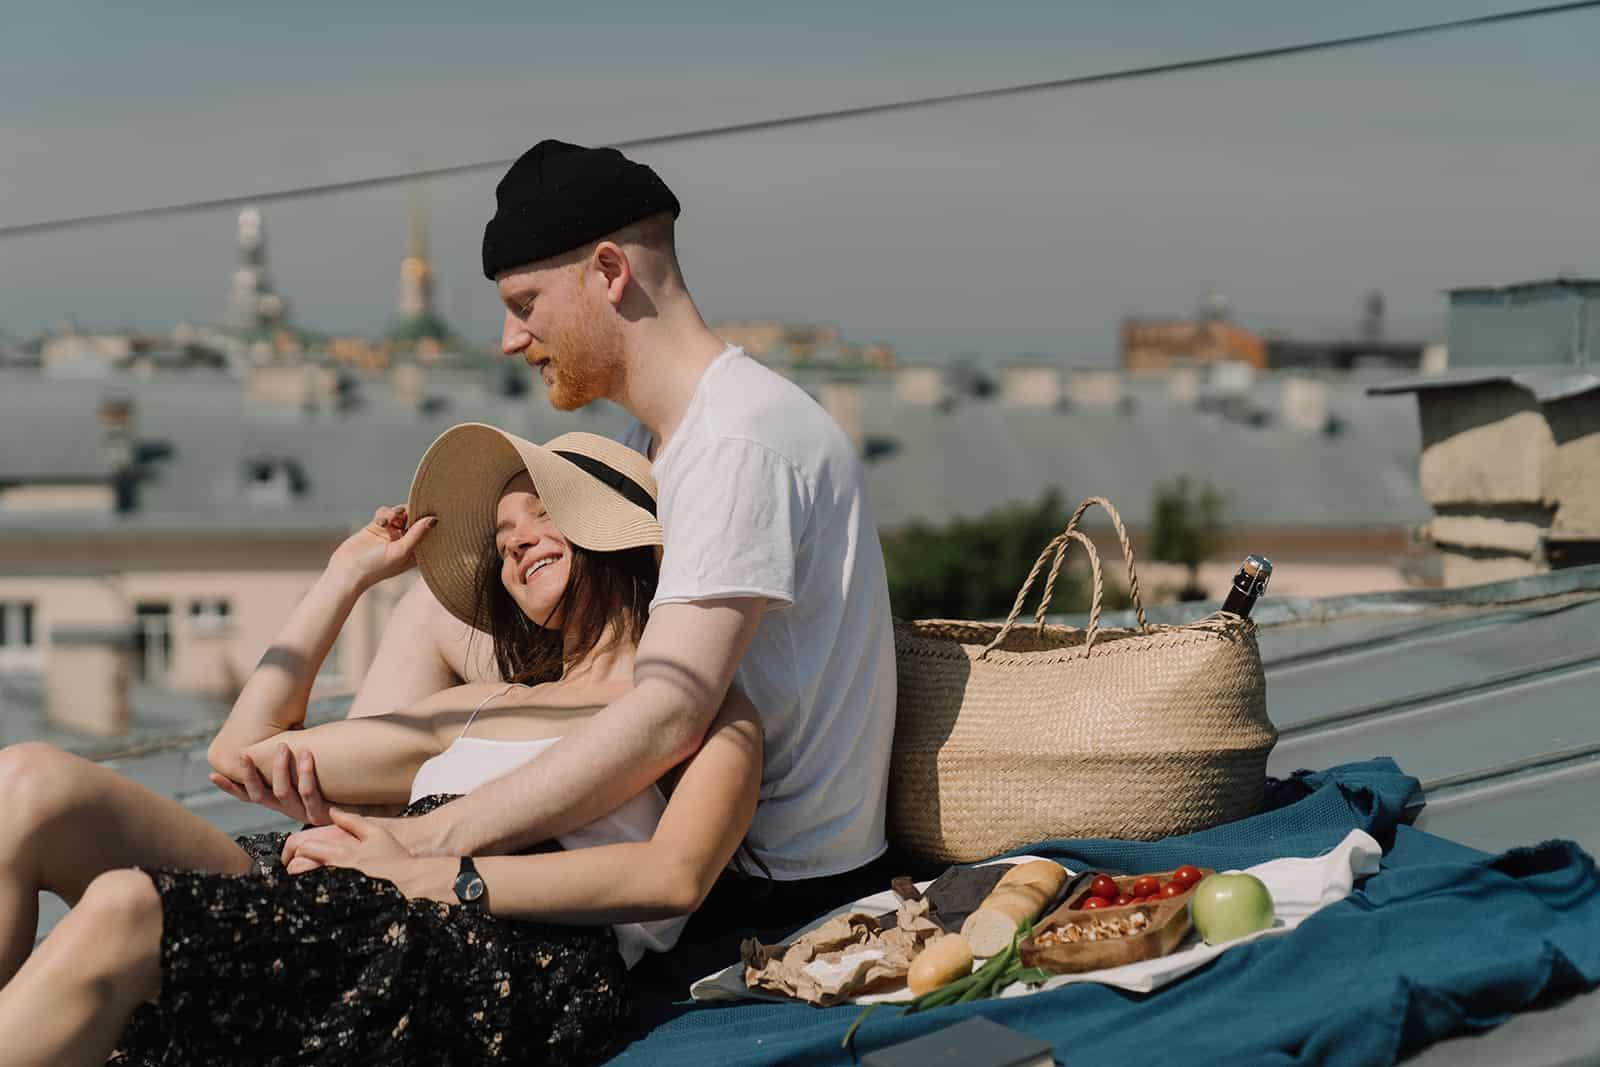 ein liebendes Paar, das ein Picknick auf einer blauen Matte auf dem Dach sitzt